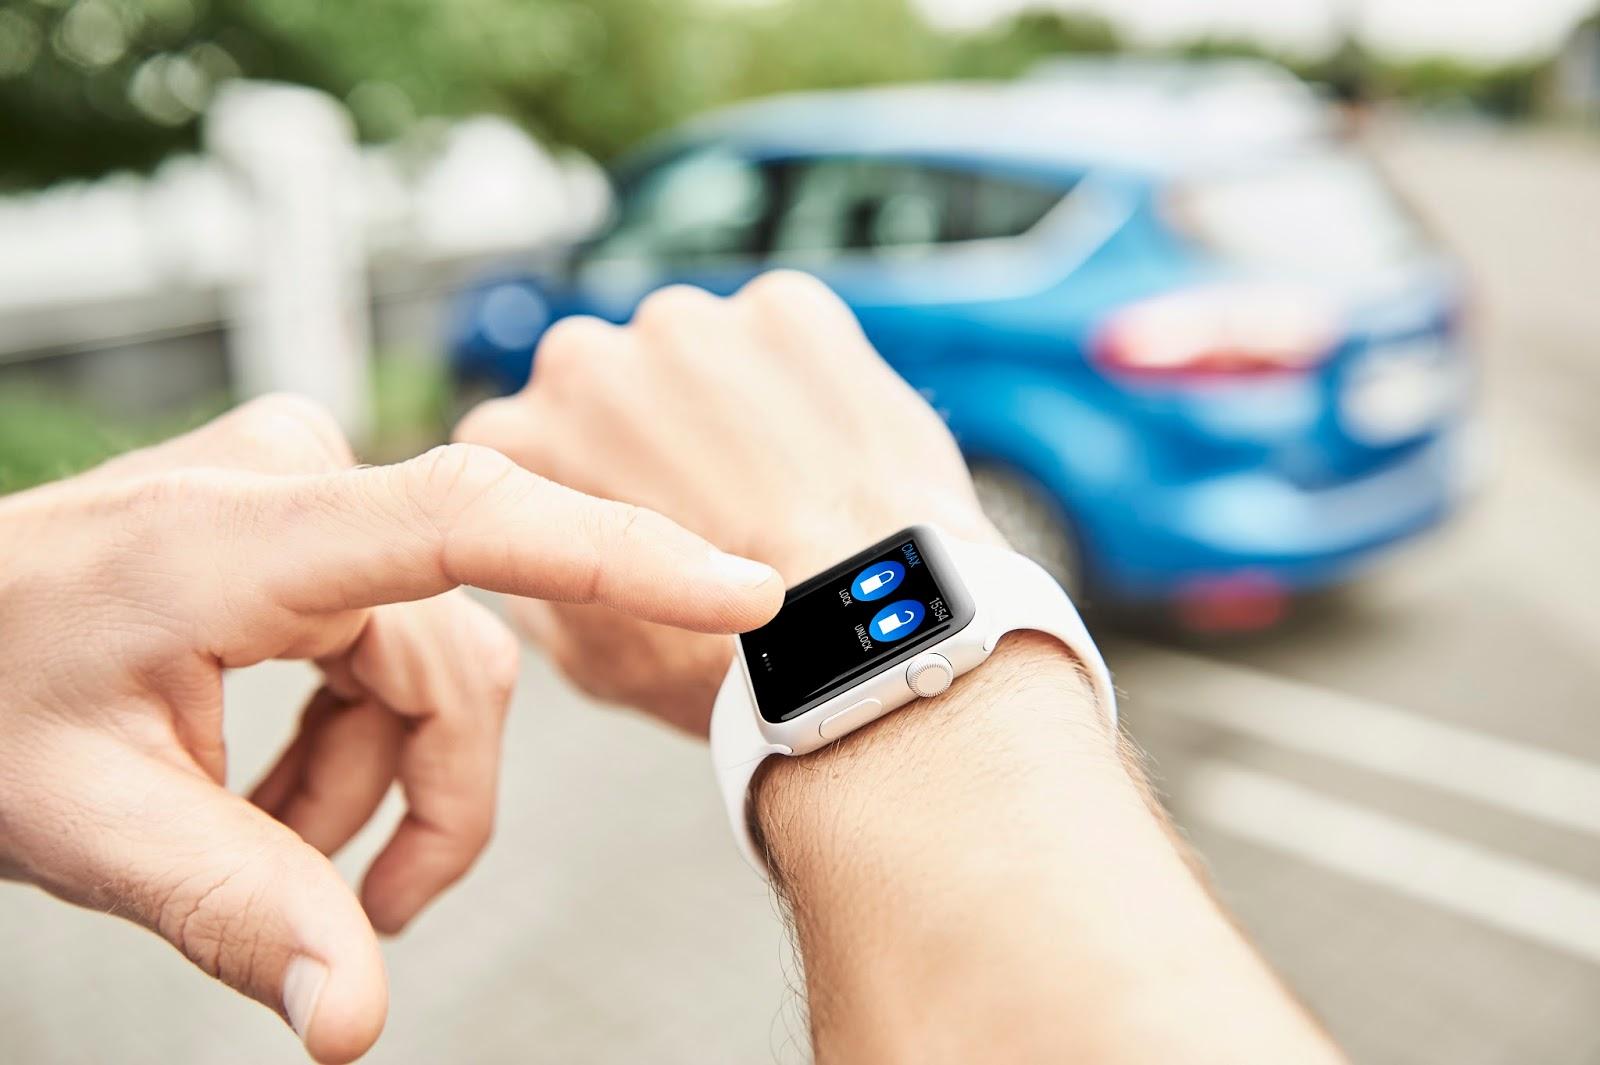 11 MyFordMobile charging Χρησιμοποιείστε το smartwatch σας για να τσεκάρετε το ηλεκτρικό σας αυτοκίνητο Ford